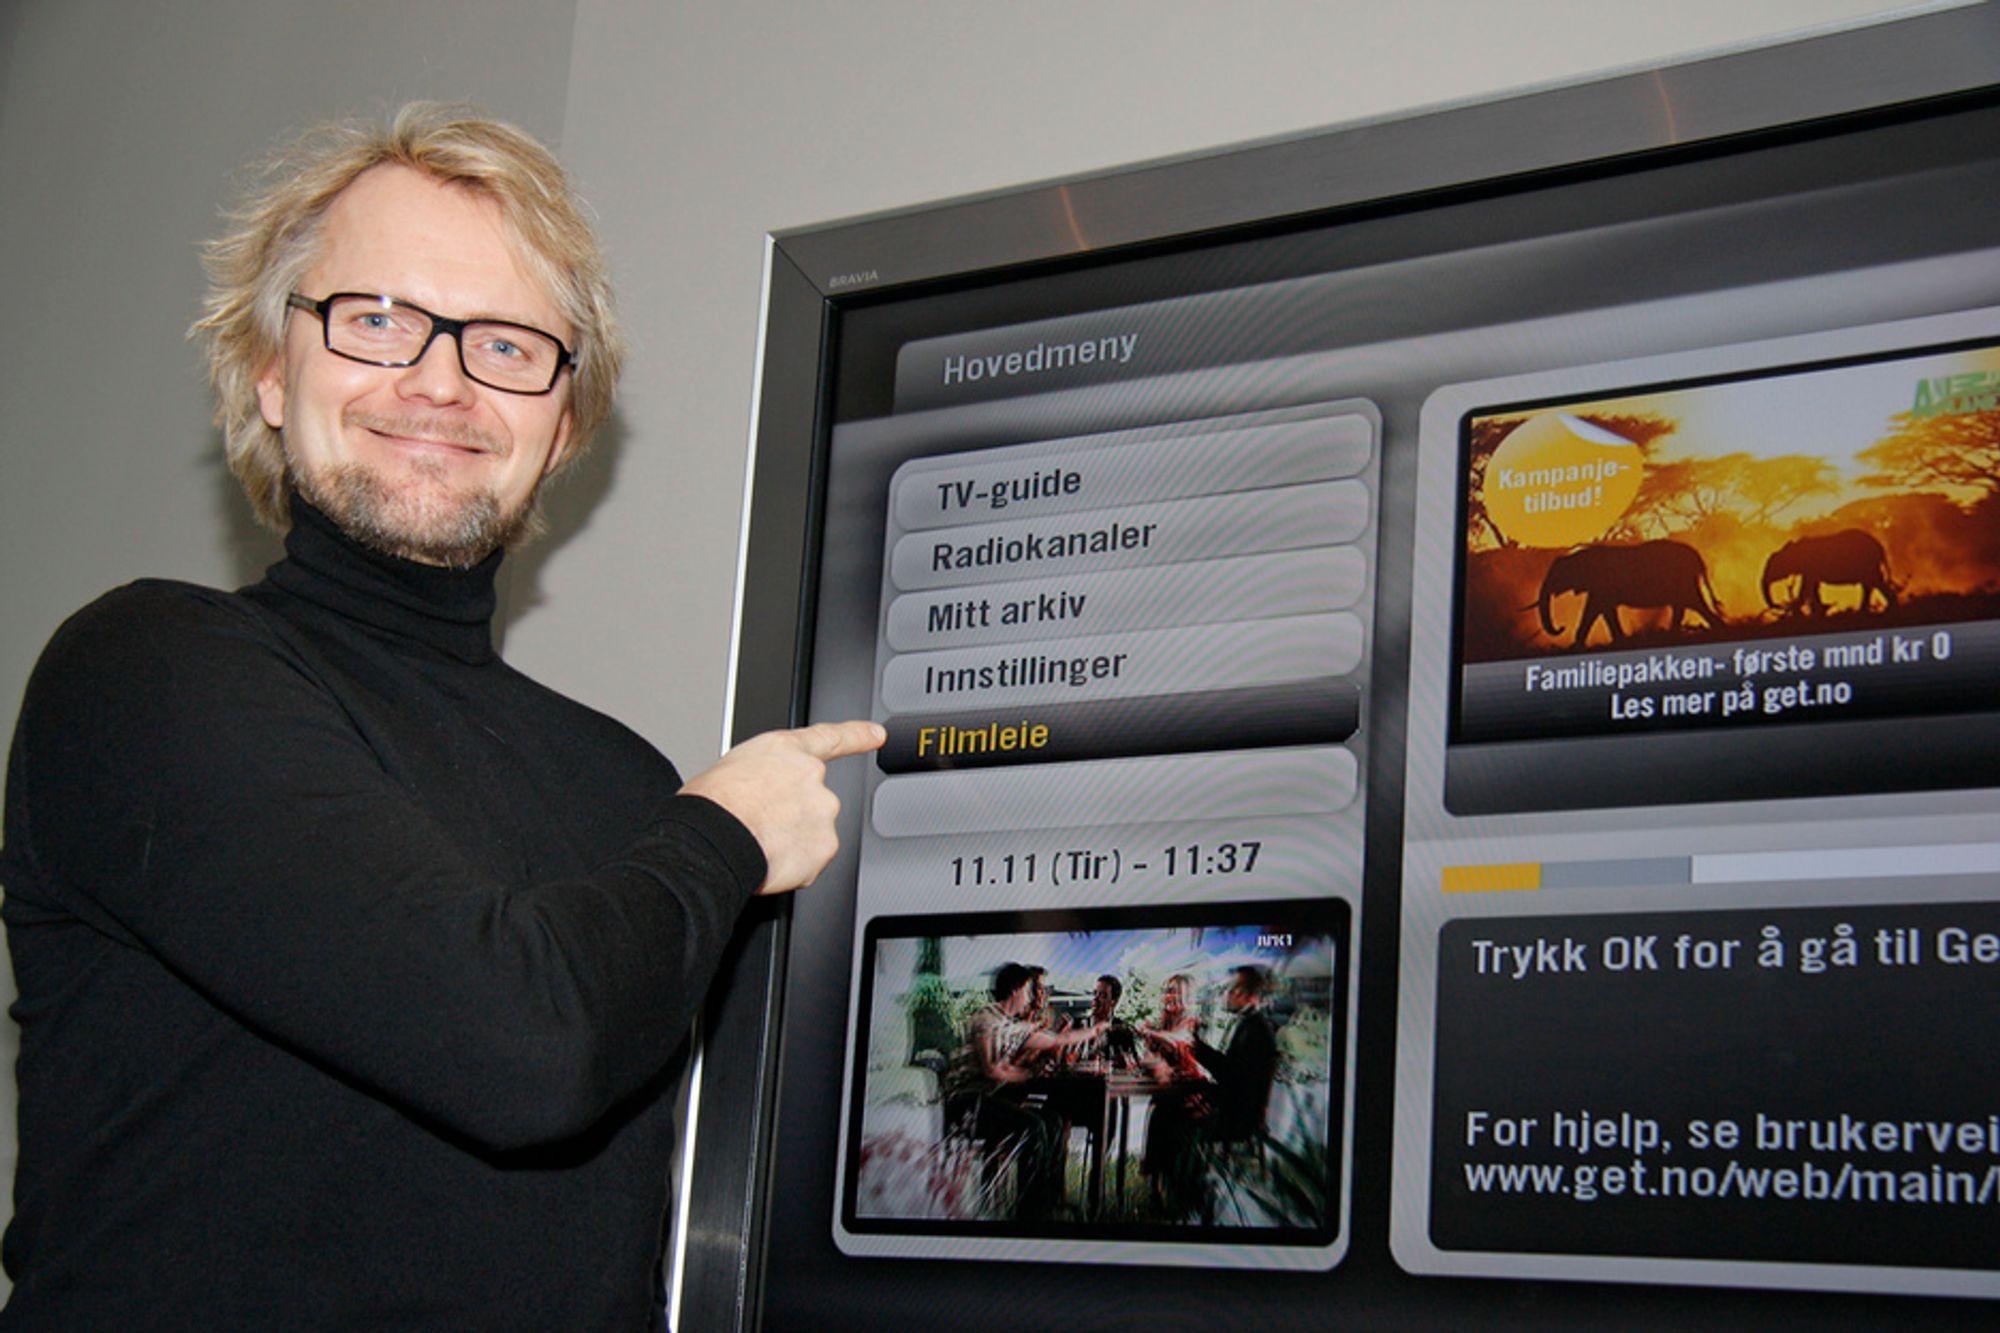 Programdirektør Tom Jahr i Get påpeker at det er klare fordeler med å leie filmen over kabelnettet, blant annet at at det er nok til alle og ingen transportkostnader.